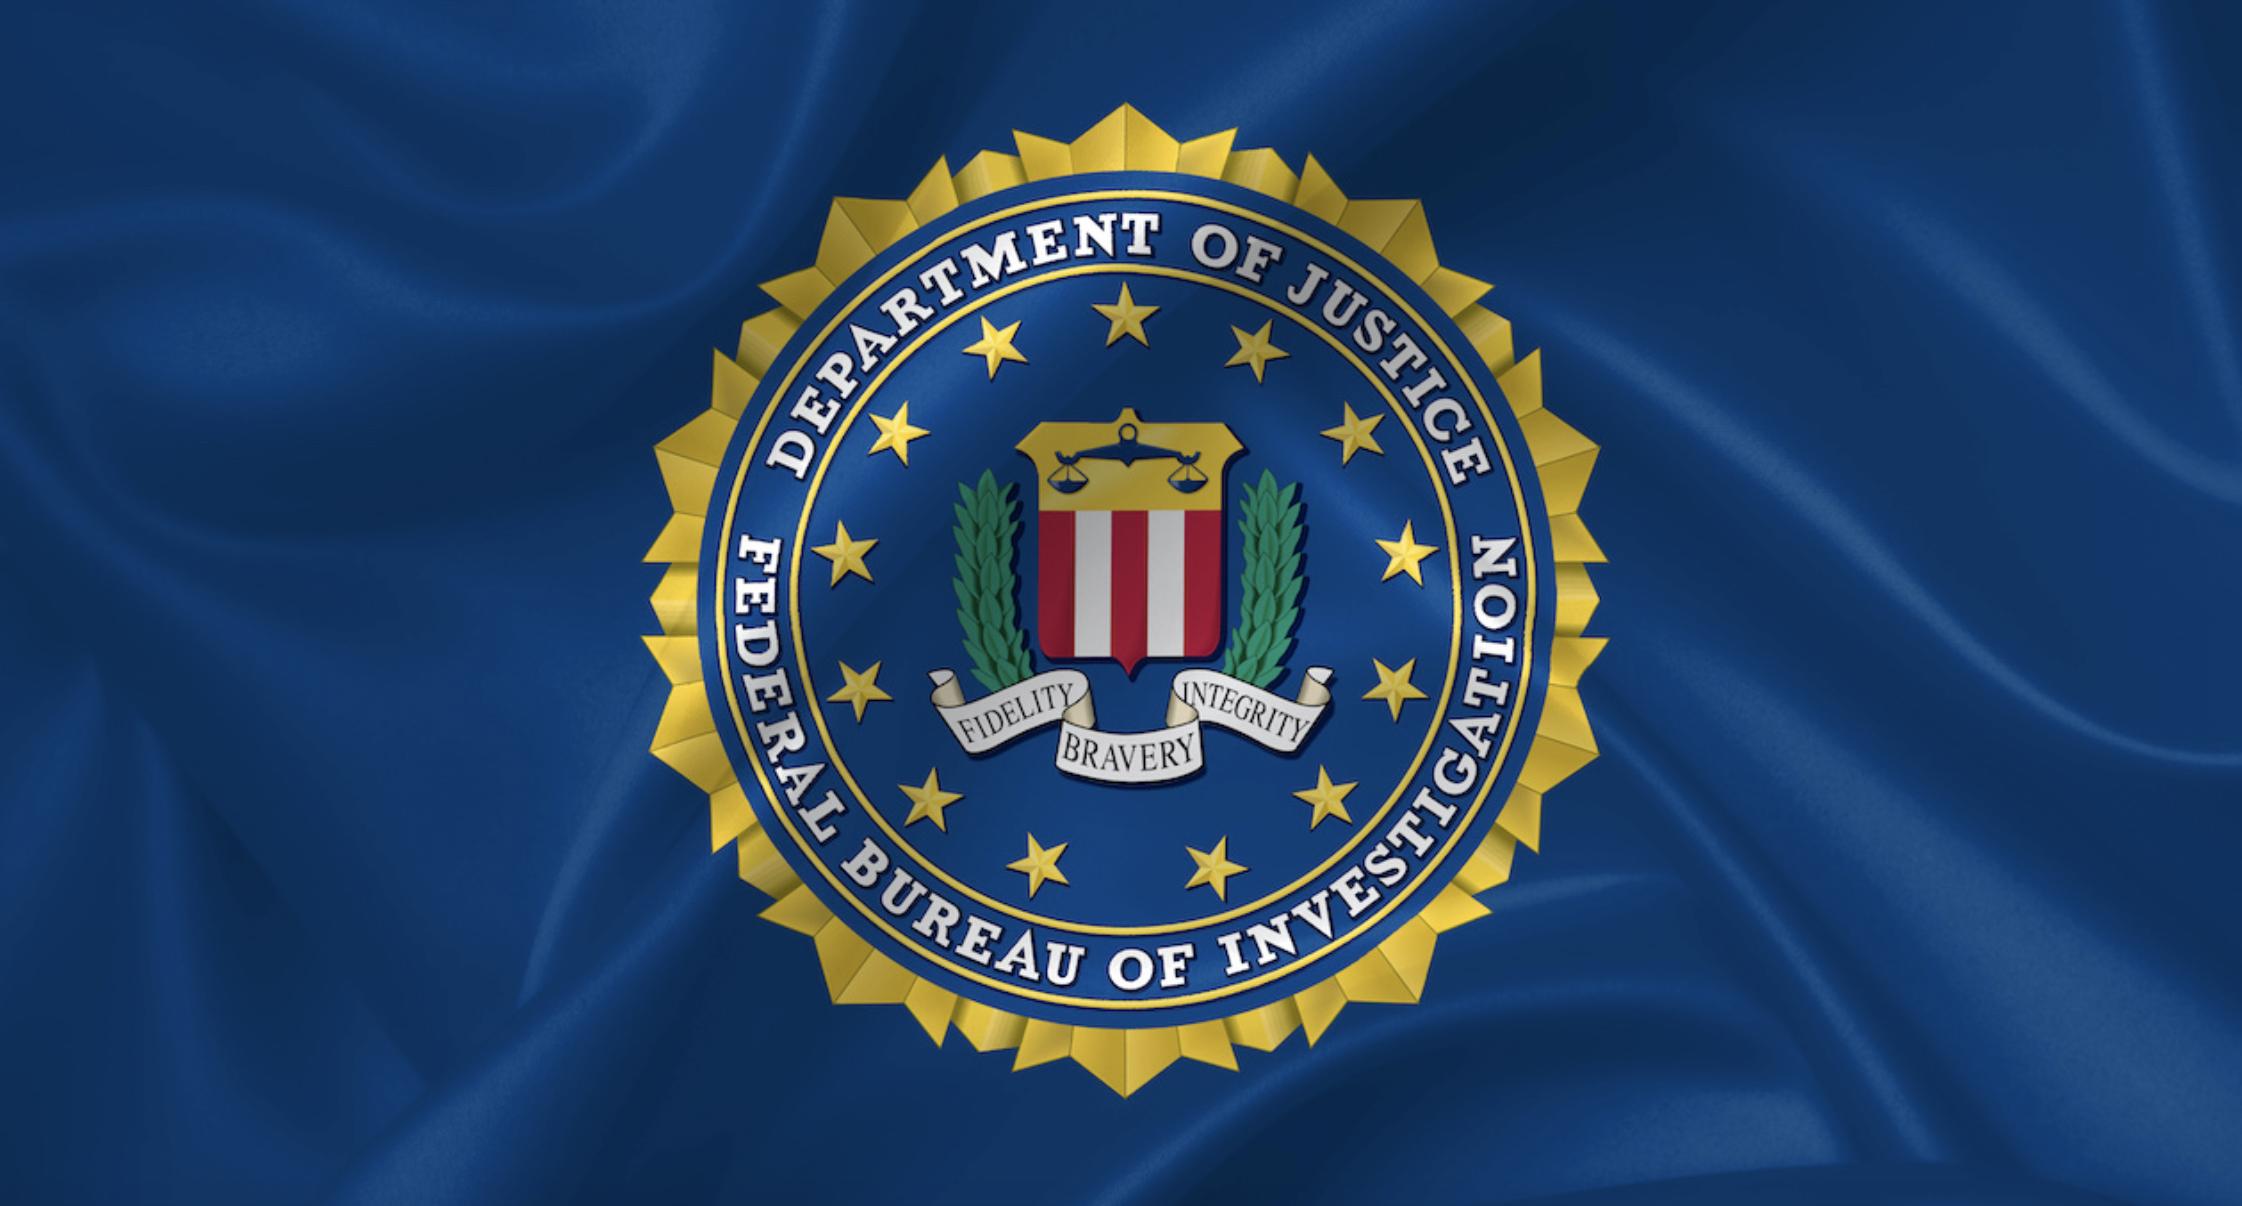 fbi yasadisi sitelere yonelikcalisiyor kopya